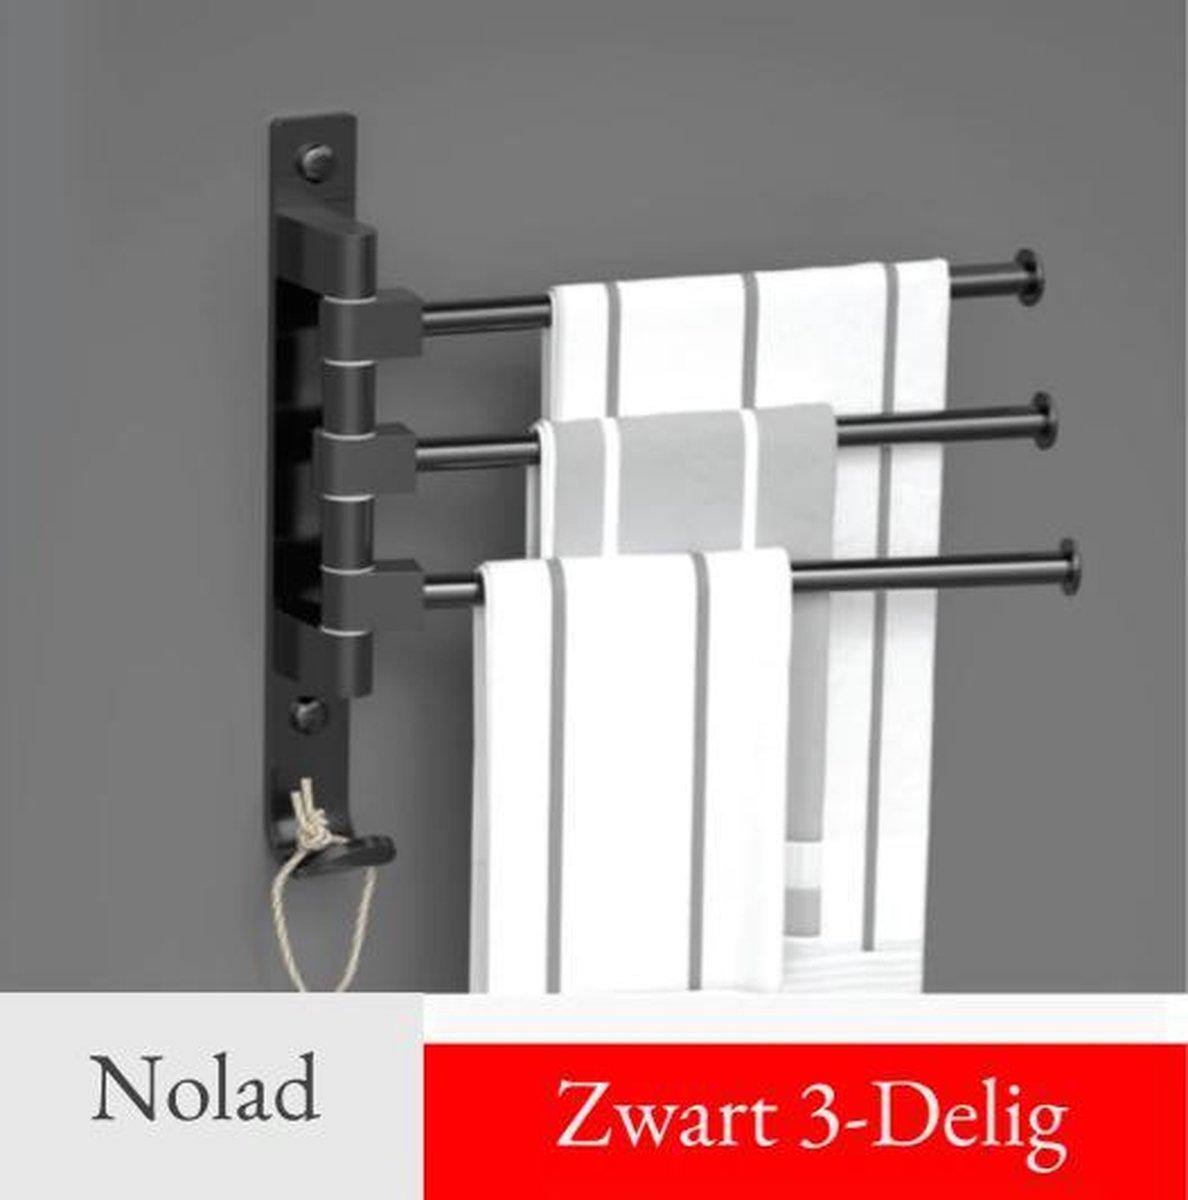 Nolad® Handdoekrek 3-armig - Handdoekstang - Handdoekhouder - Handdoekenrek - Badkamer Handdoek Rek - Hangende Wand Theedoek - Inclusief montages - 180° Graden draaibaar